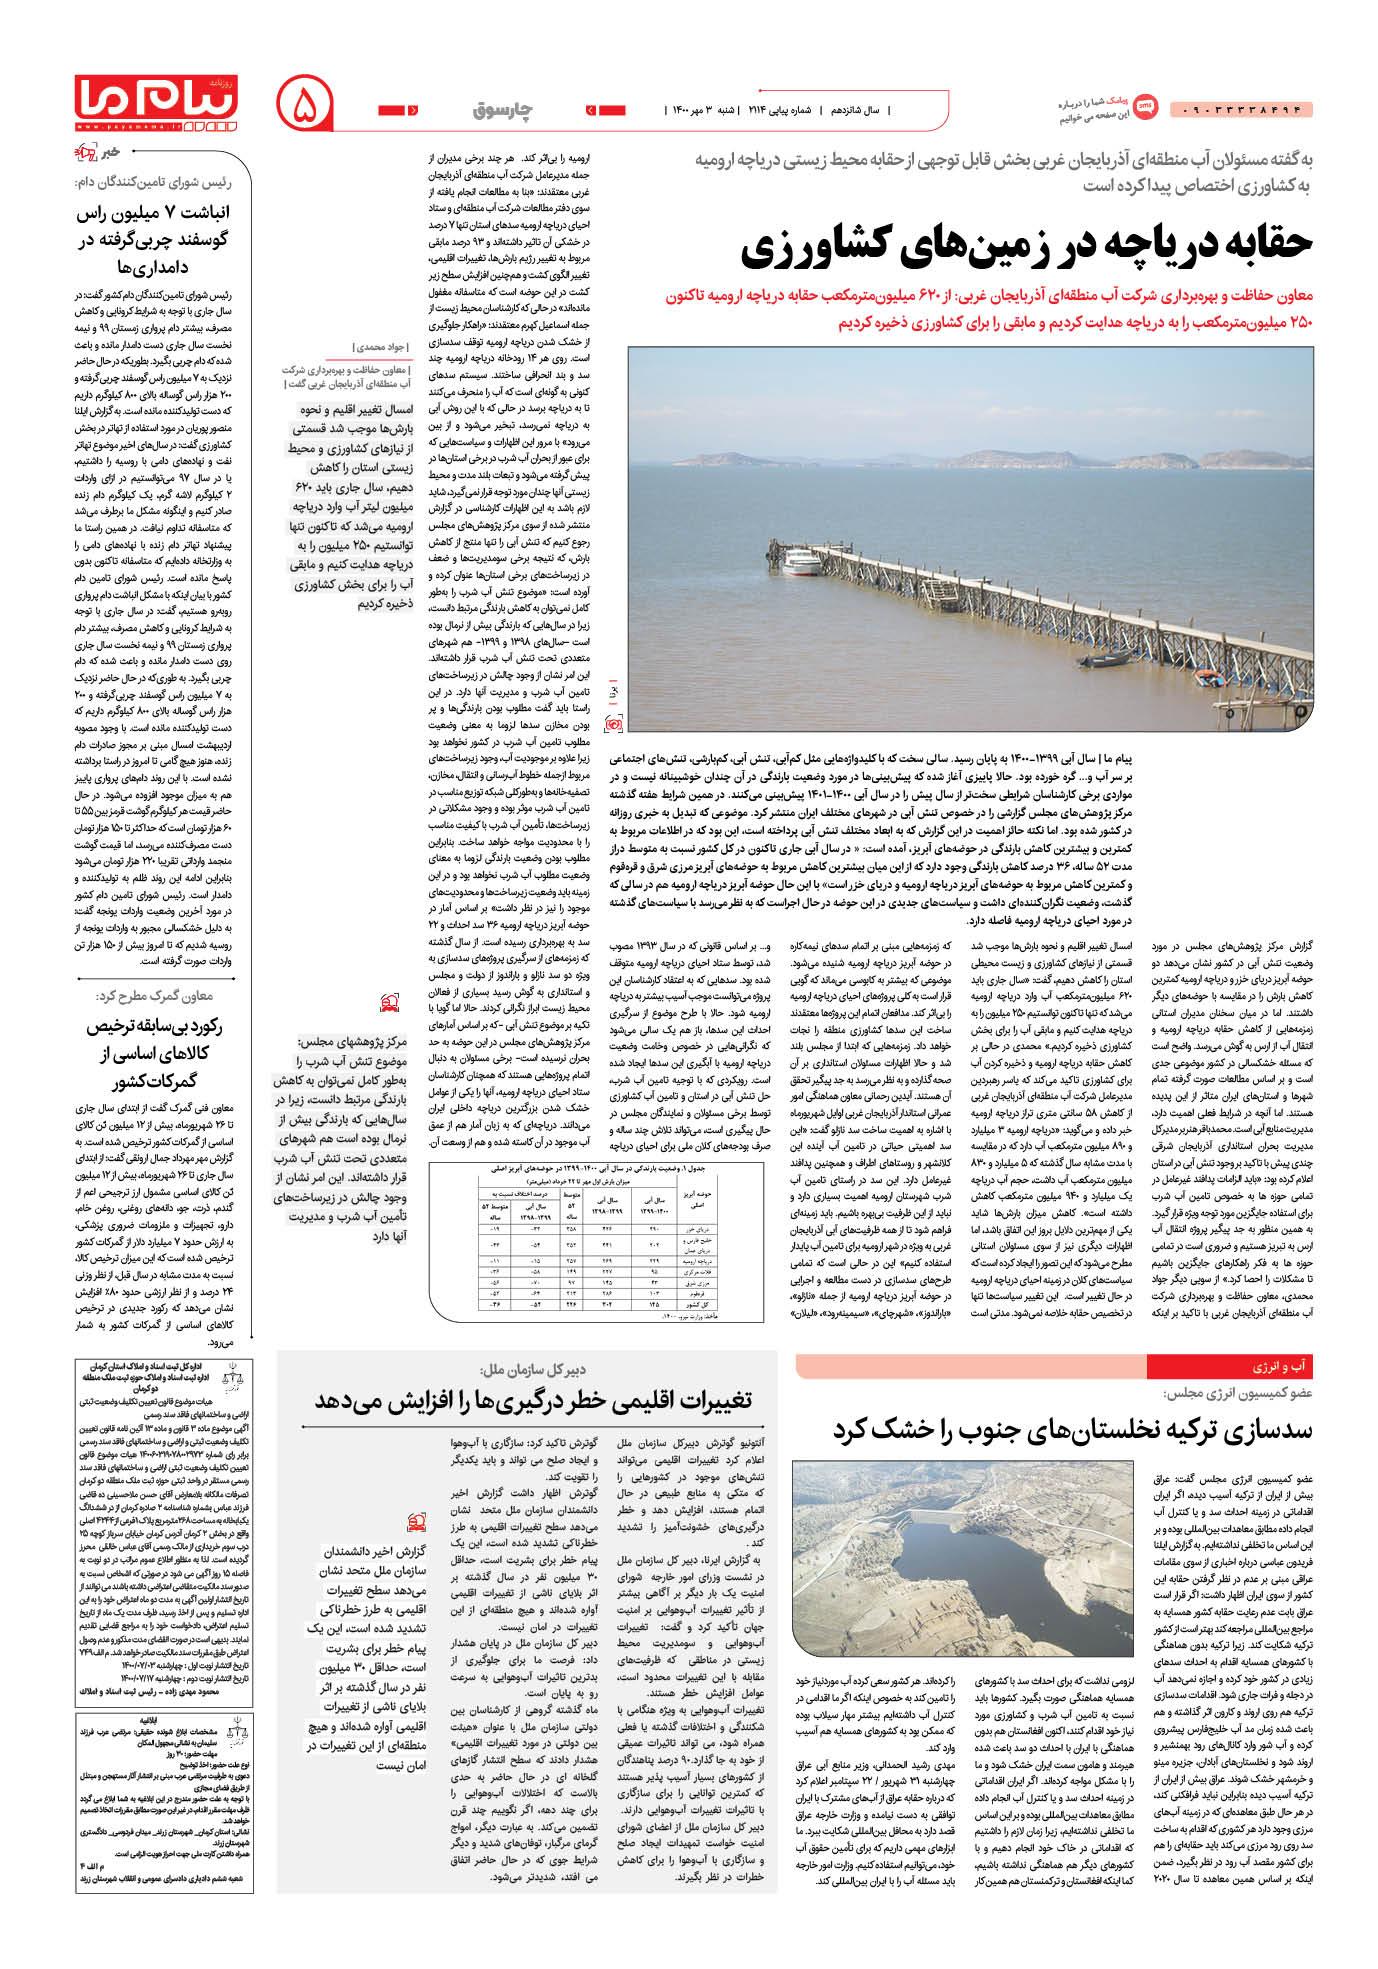 صفحه چارسوق شماره 2114 روزنامه پیام ما